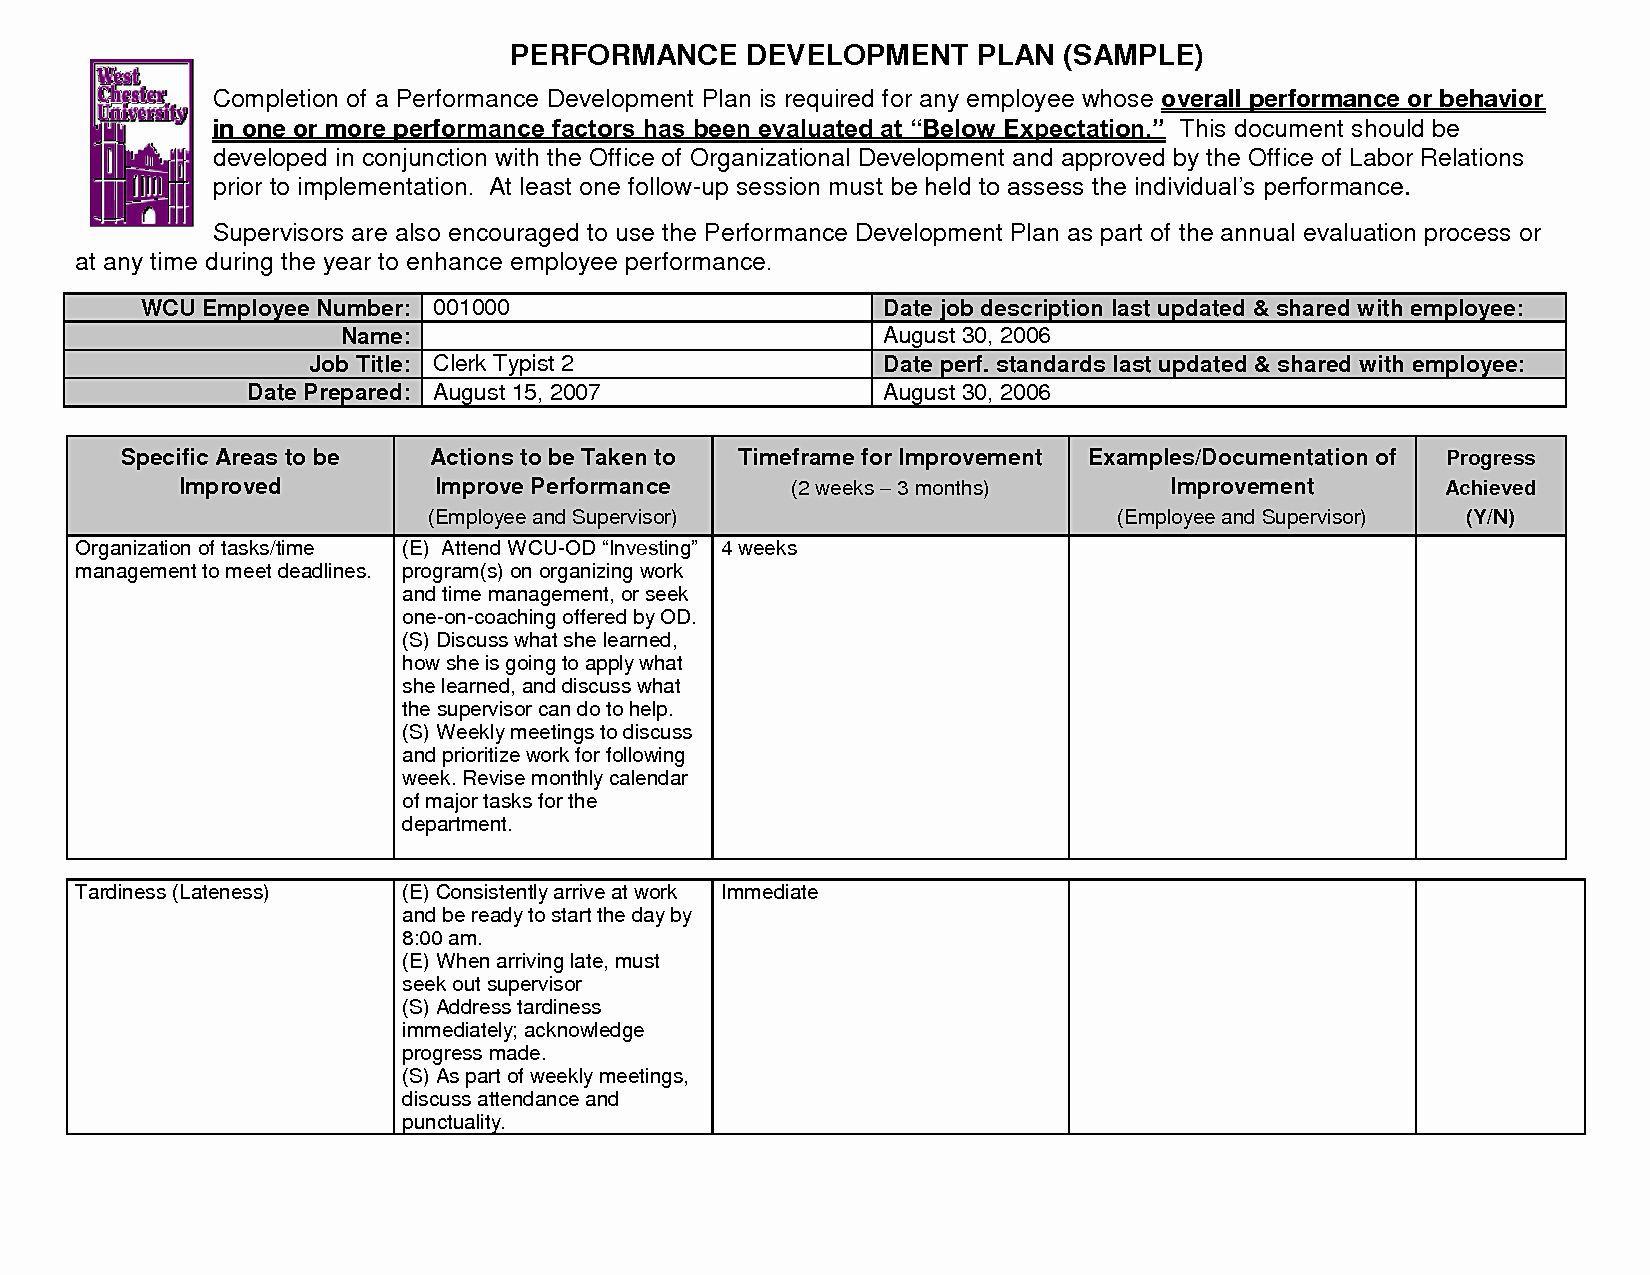 001 Rare Employee Development Plan Template High Def  Ppt FreeFull